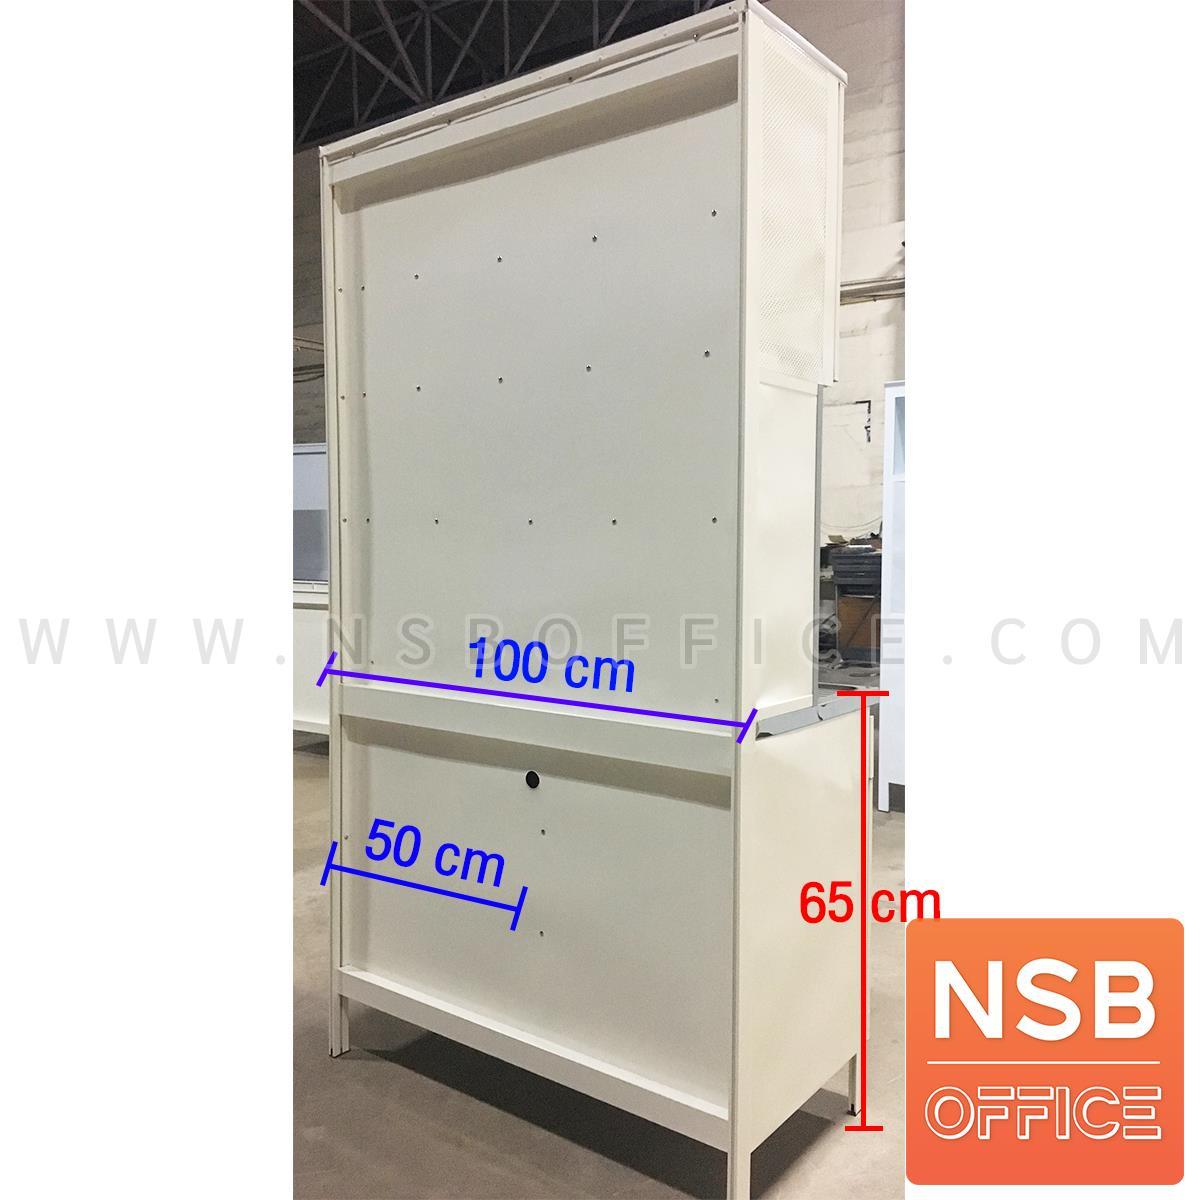 ตู้ครัวสูงอลูมิเนียม พร้อมอ่างซิงค์ หน้าเรียบ  ขนาด 100W*54D*190H cm.